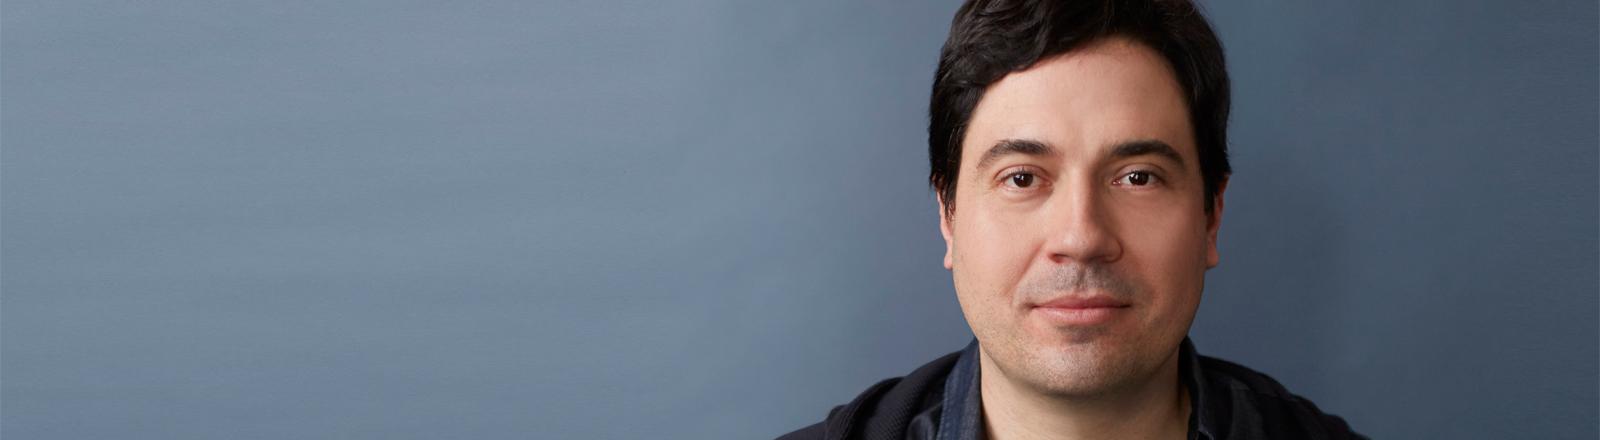 """Zu sehen ist der Facebookaussteiger und Autor des Buches """"Chaos Monkeys"""" Antonio García Martínez"""